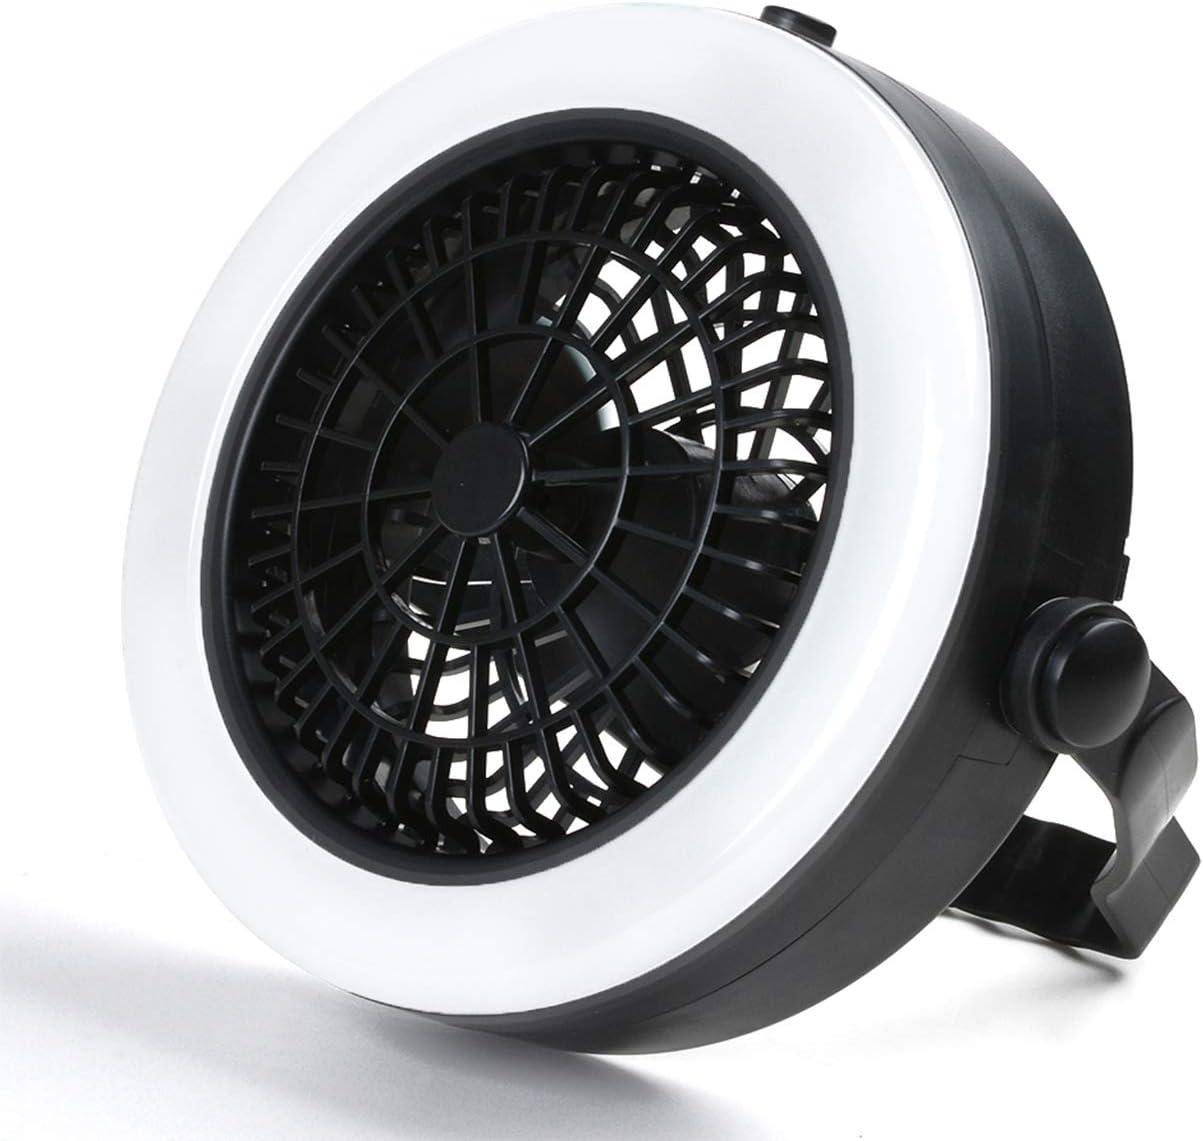 Odoland 2-en-1 Portable LED de techo Luz y Fan- 360 grados Camping ...